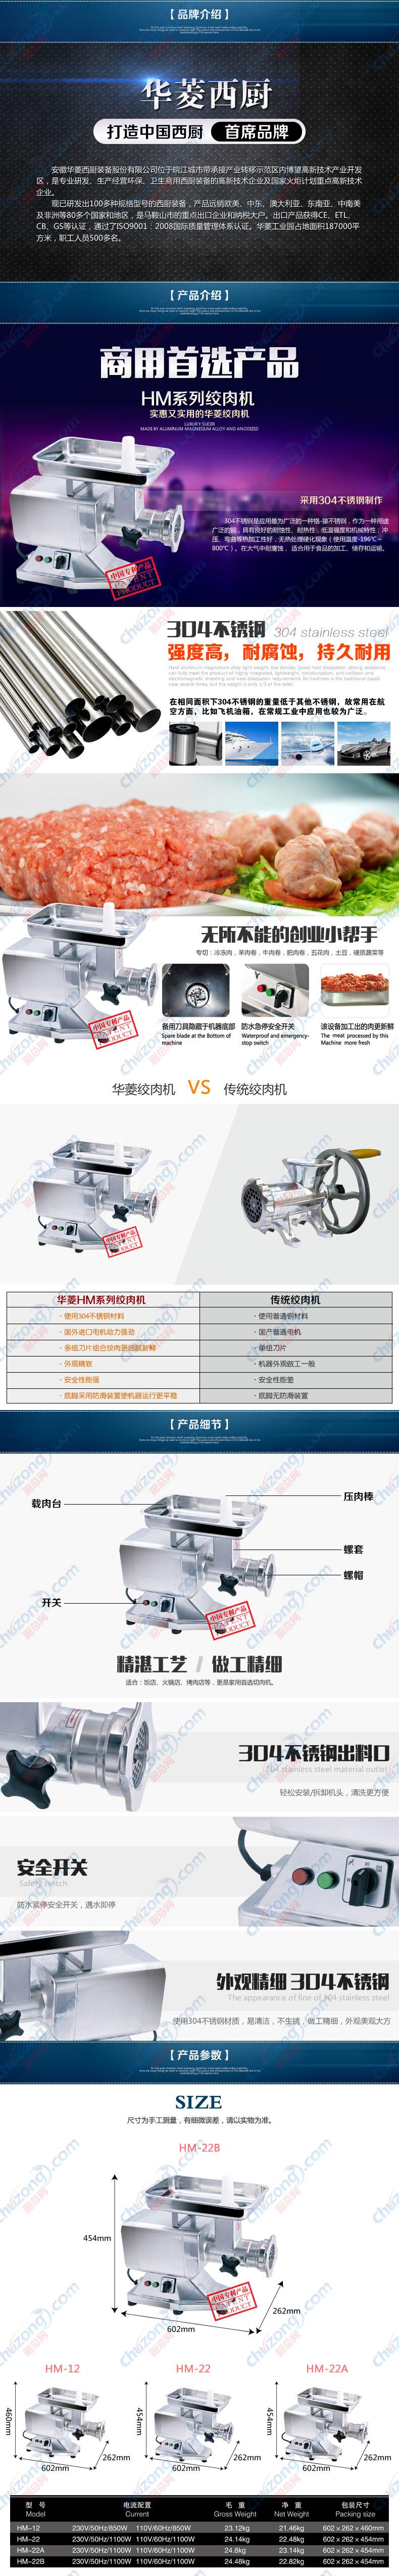 华菱西厨绞肉机,电动多功能不锈钢绞肉机,台式绞肉机HM-12